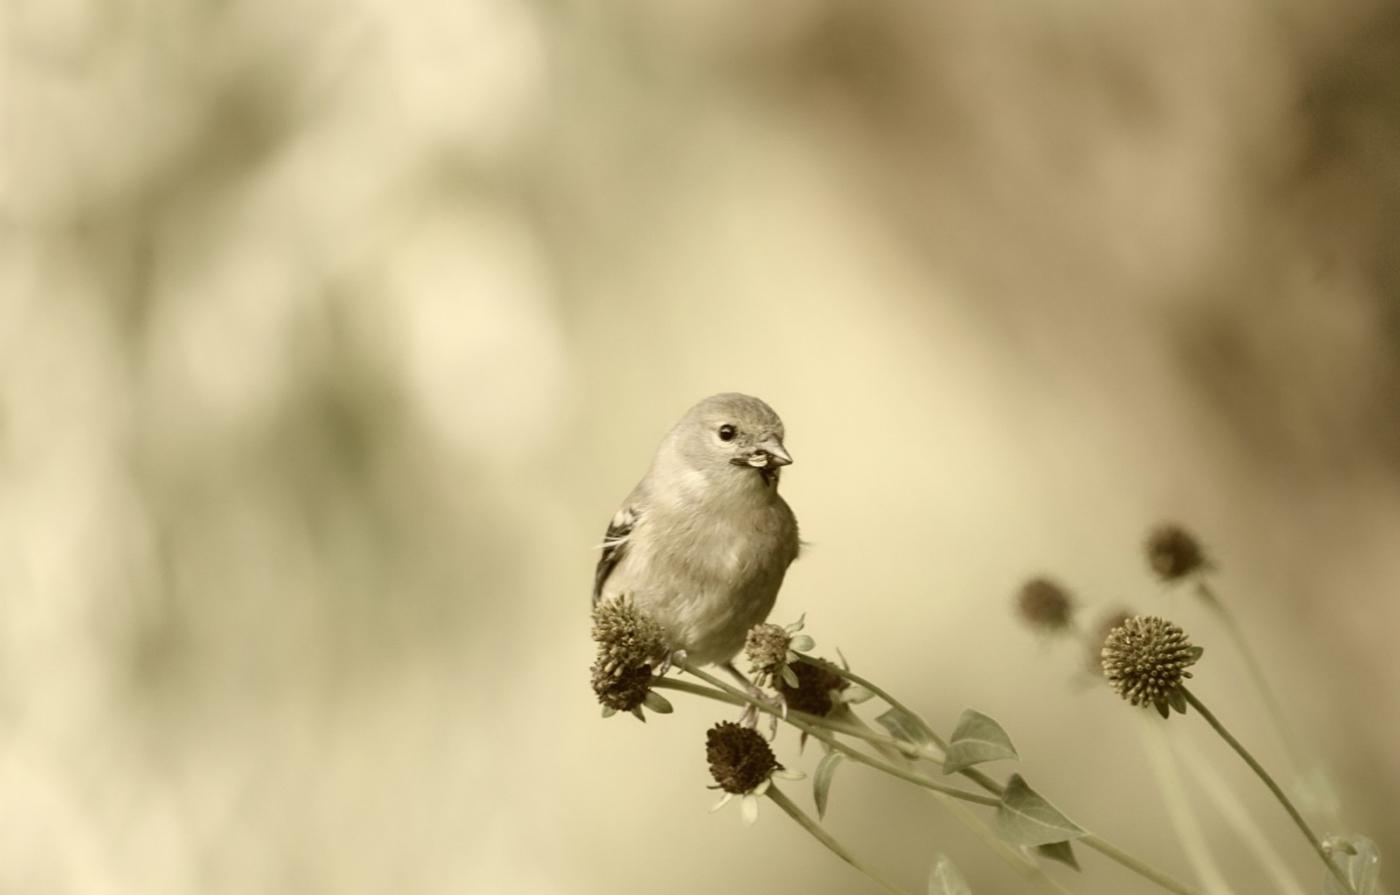 [田螺摄影]金翅鸟_图1-12